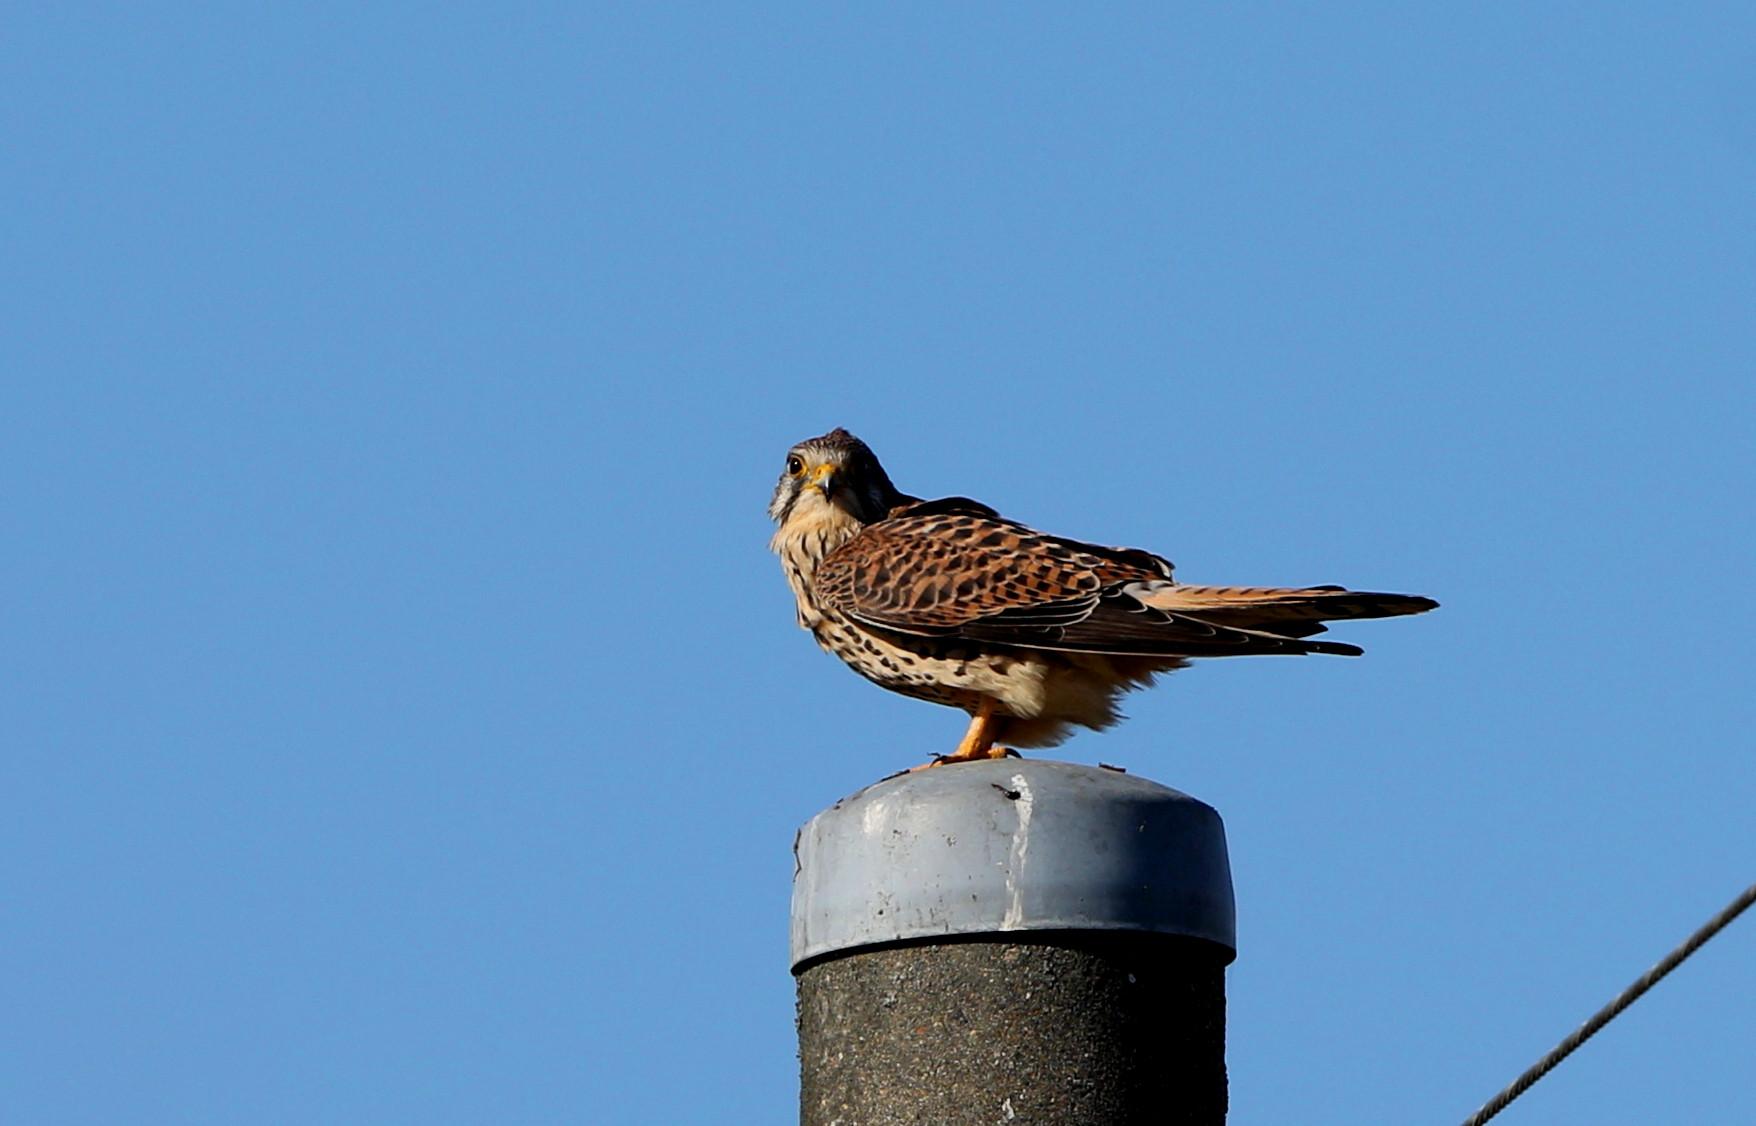 田んぼの探鳥で(チョウゲンボウ)_f0239515_16595250.jpg